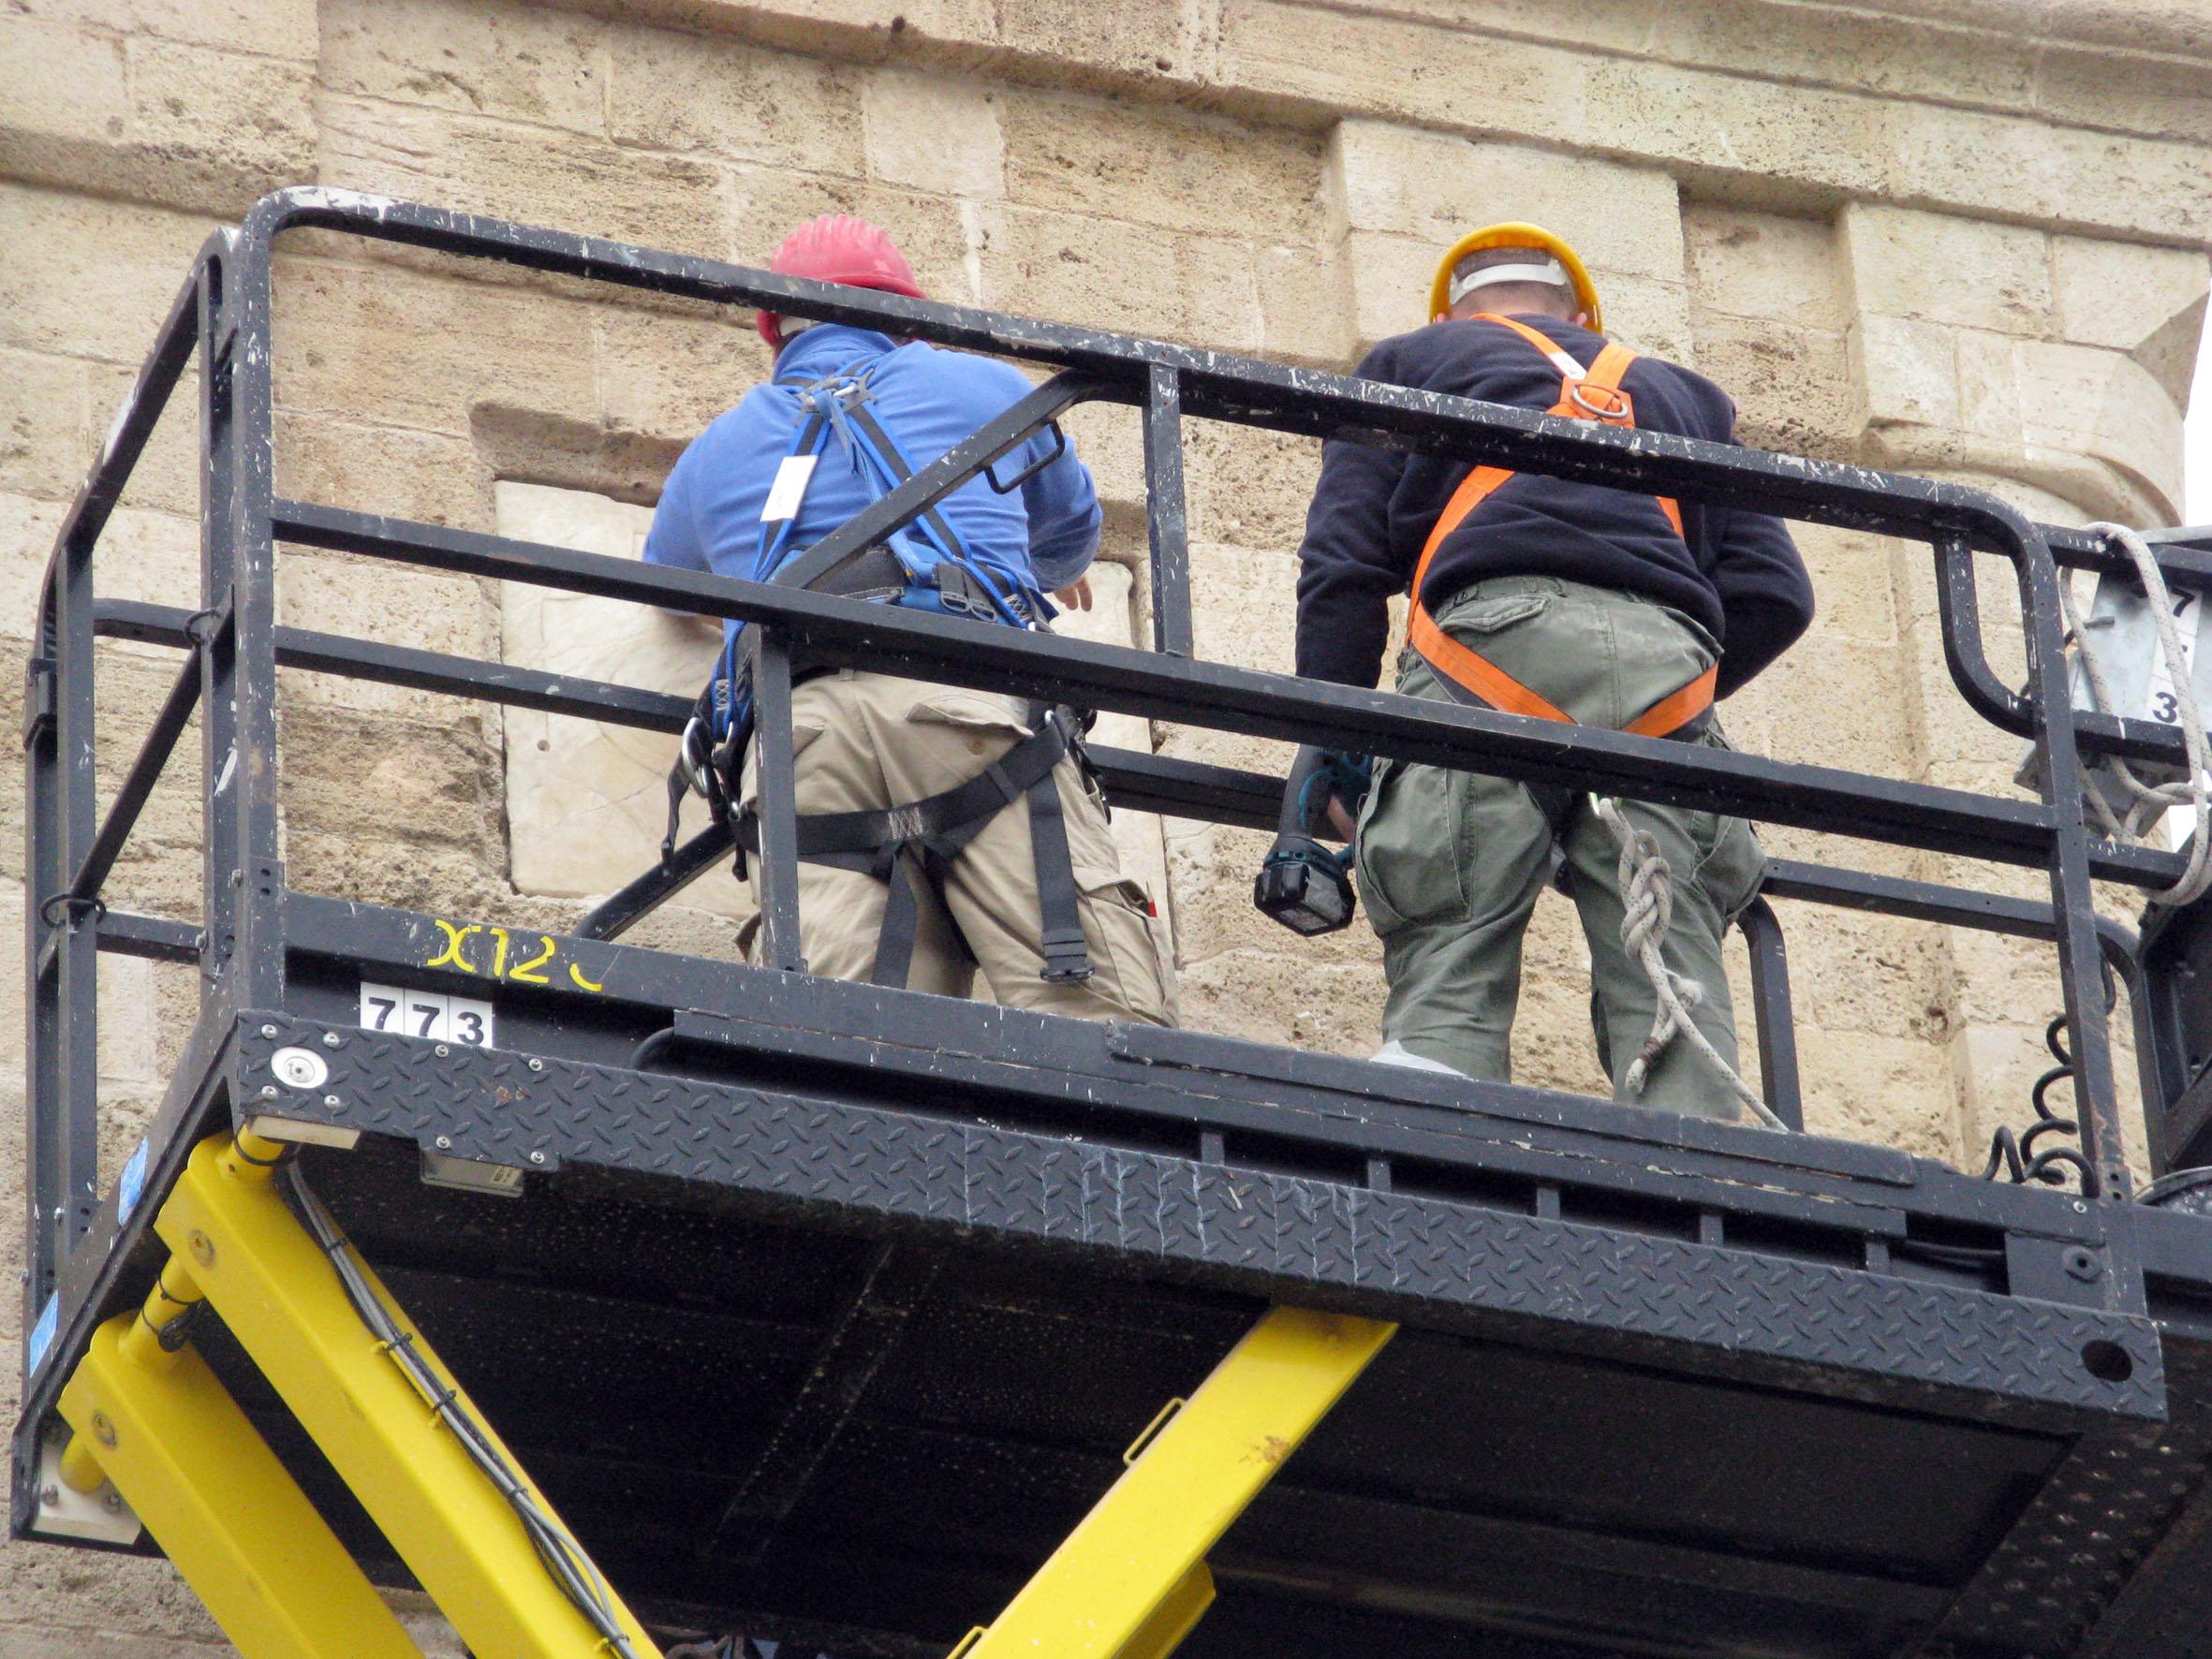 משמרי רשות העתיקות מחזירים את חותם הסולטן למגדל. צילום-ניקי דוידוב